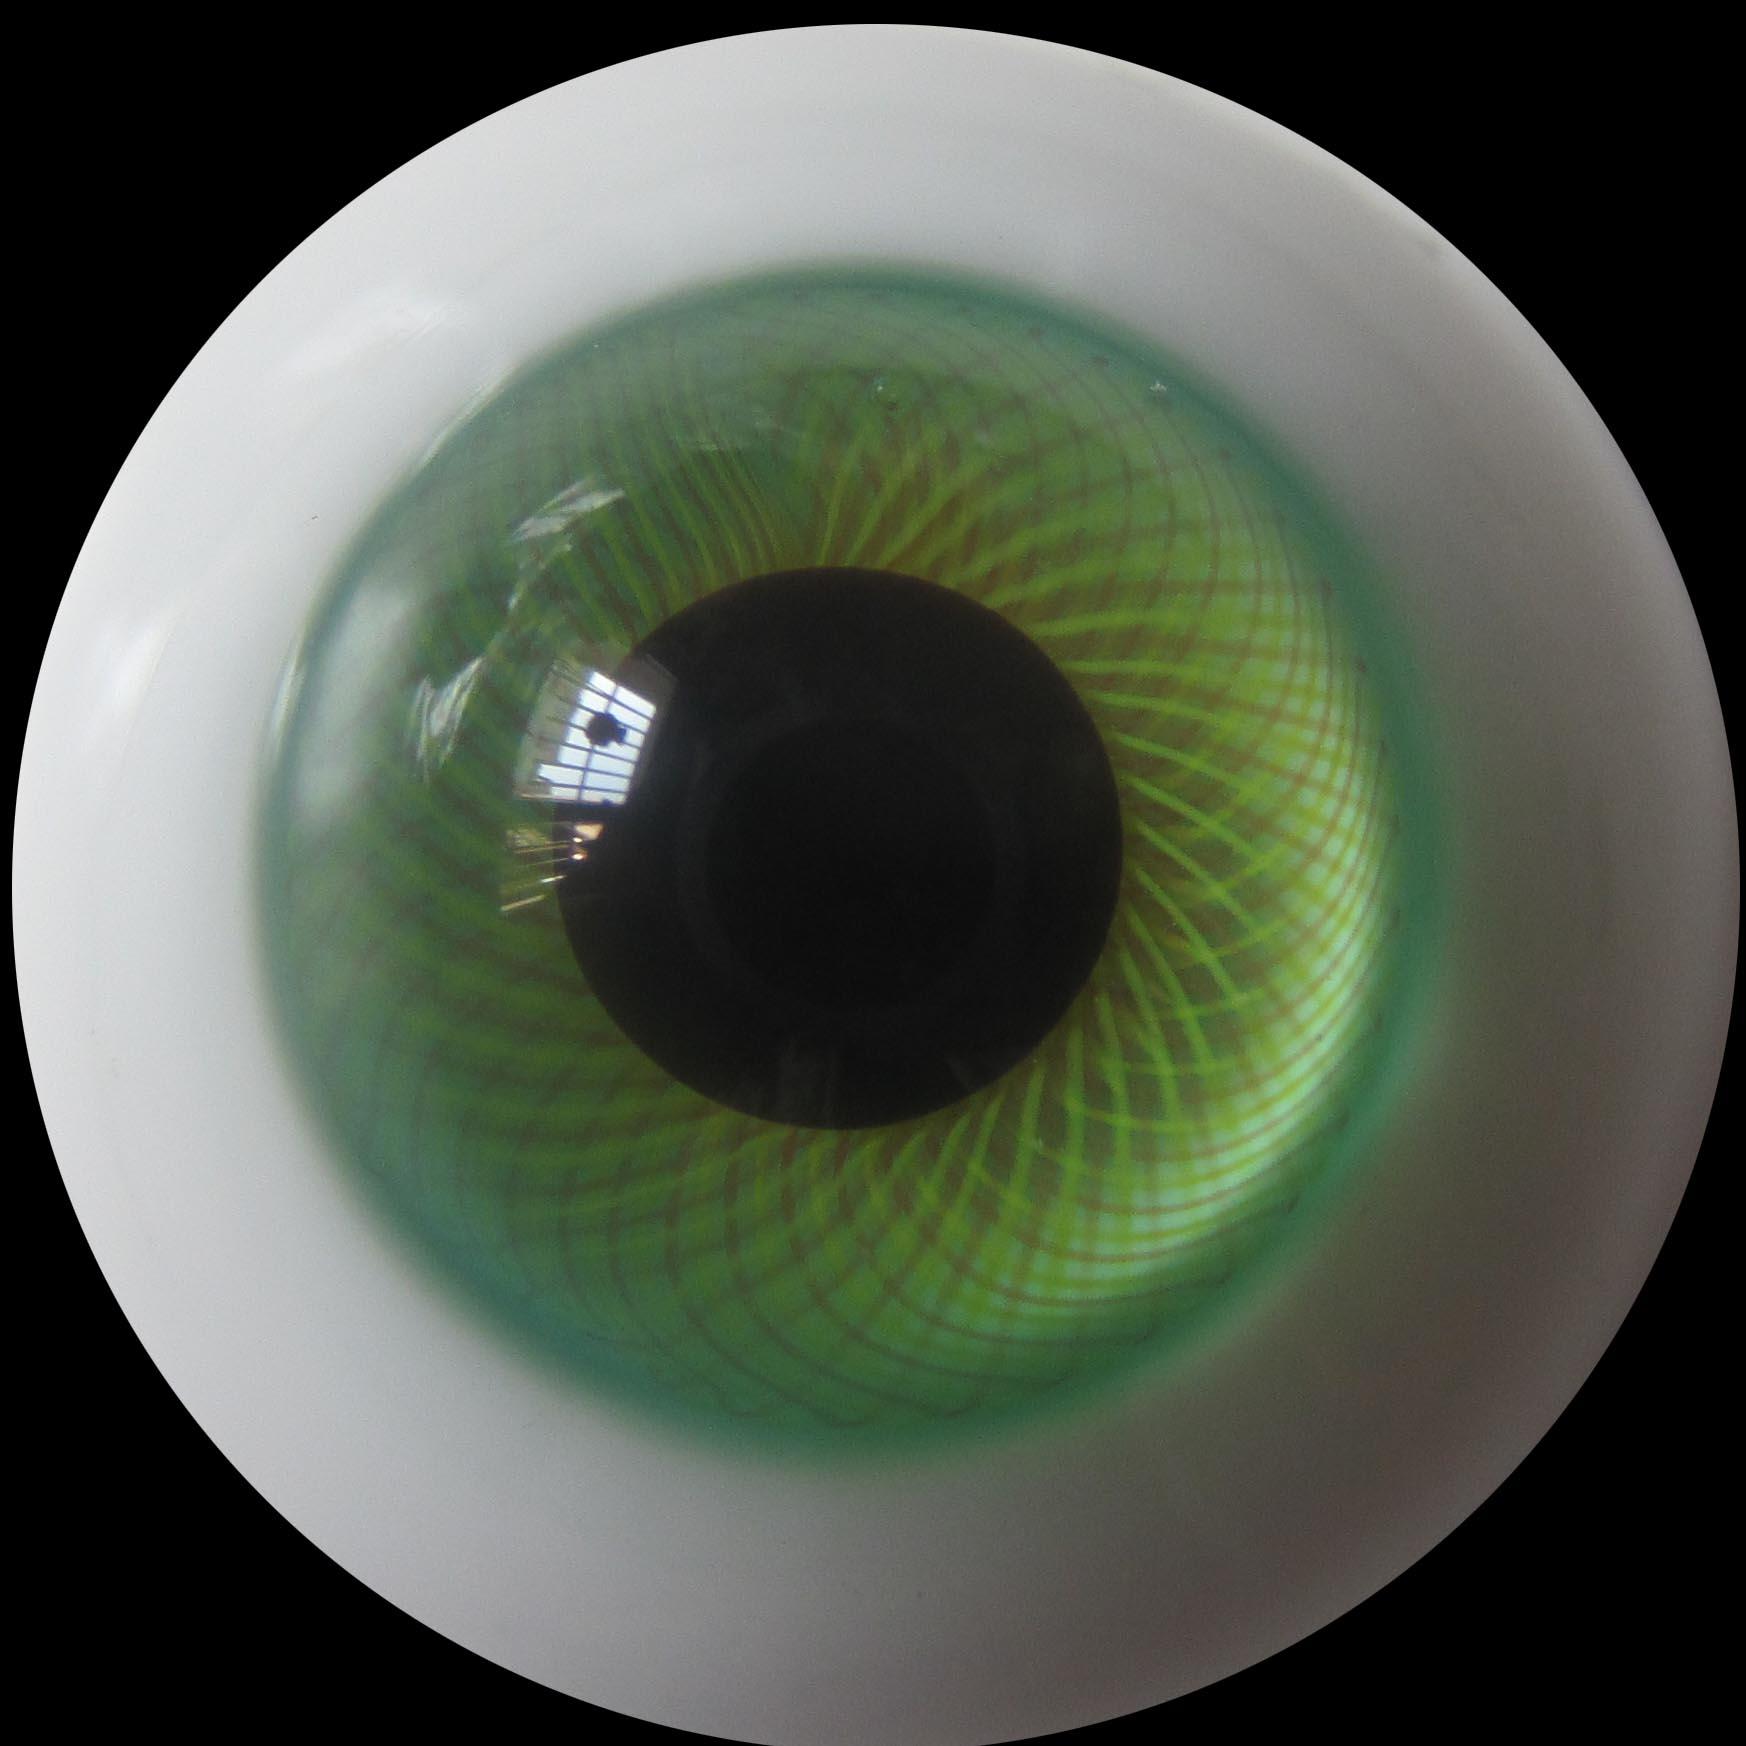 订做bjd、sd、可儿、自制娃娃E1809草绿玻璃眼睛珠尺寸8MM至20MM